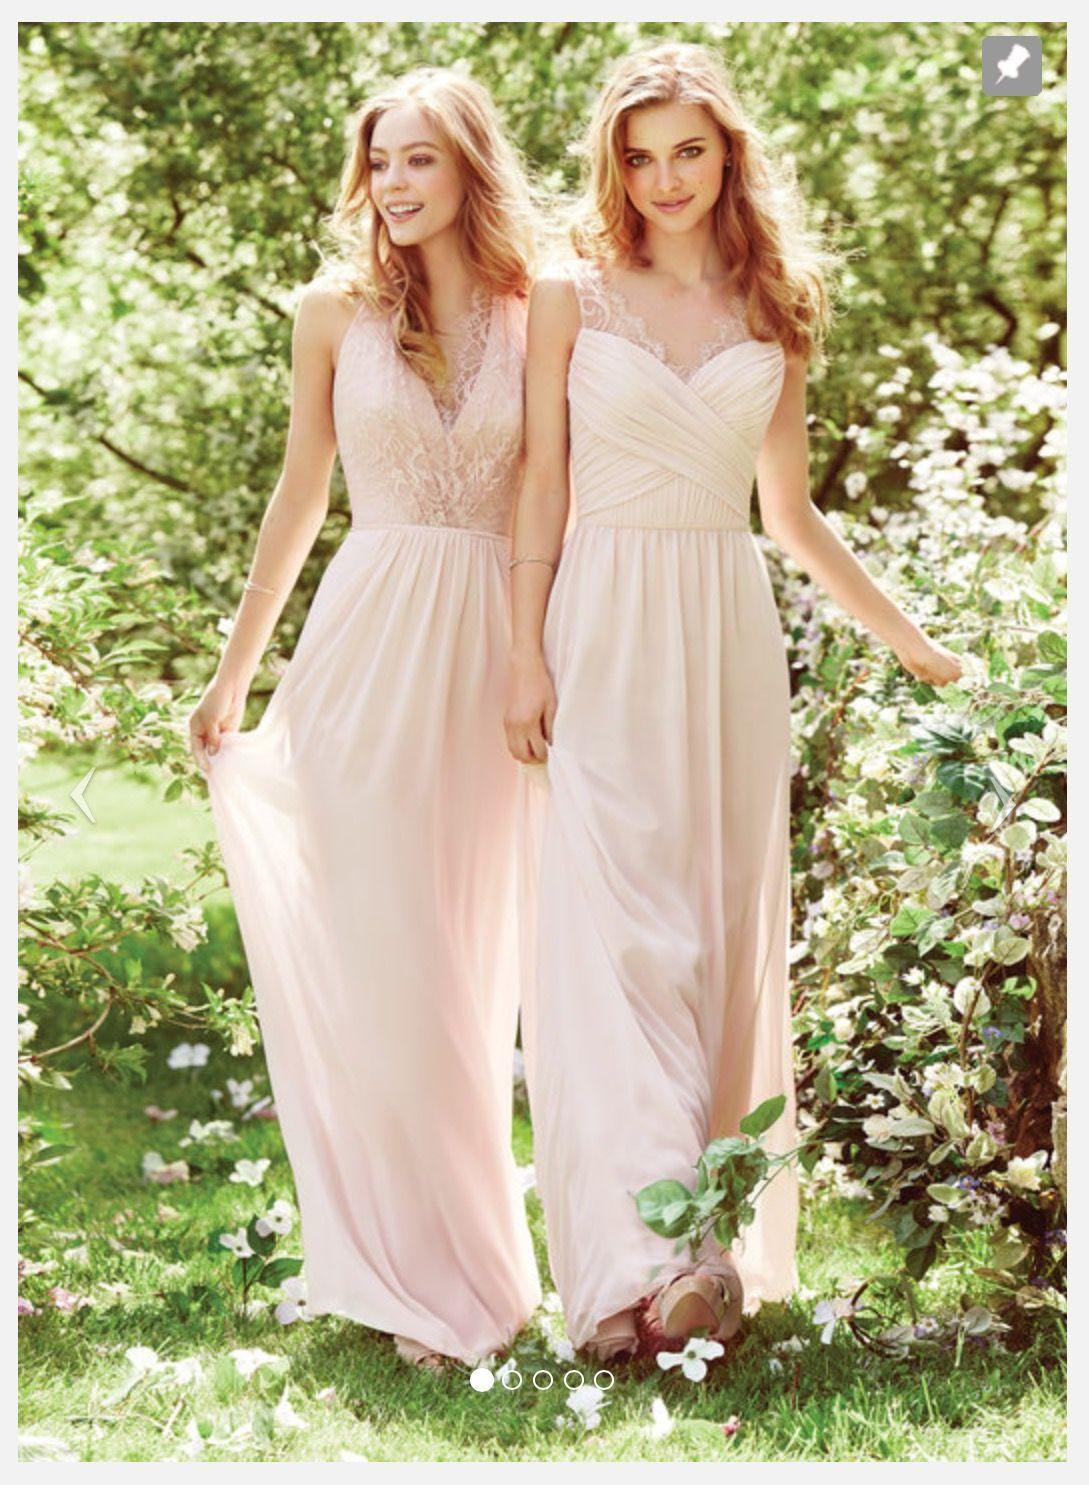 Hayley Paige Lace And Chiffon Blush Bridesmaid Dress